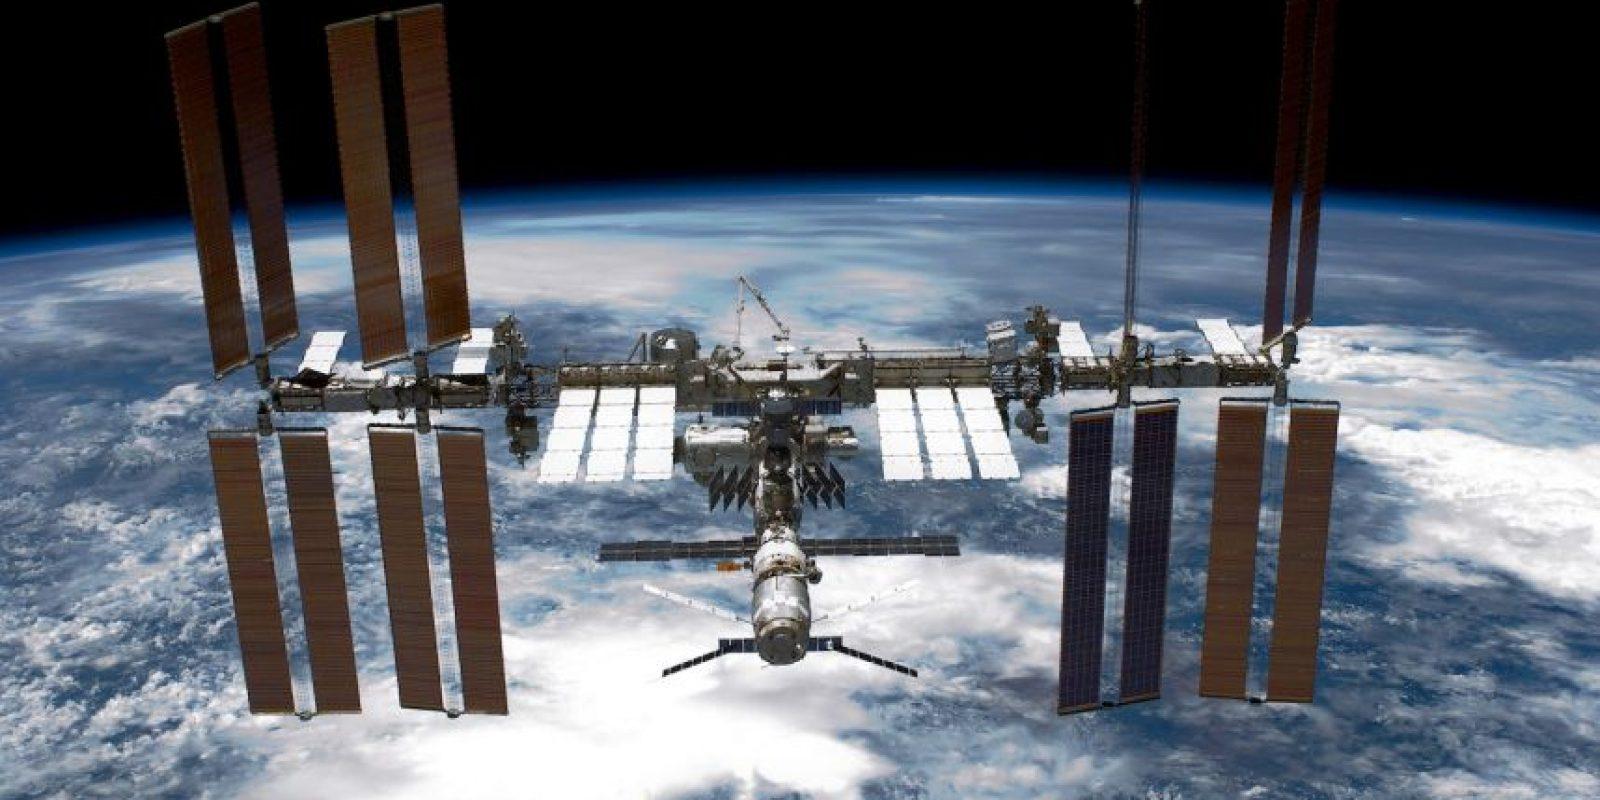 La Estación Espacial Internacional se puso en órbita en 1998 Foto:Getty Images